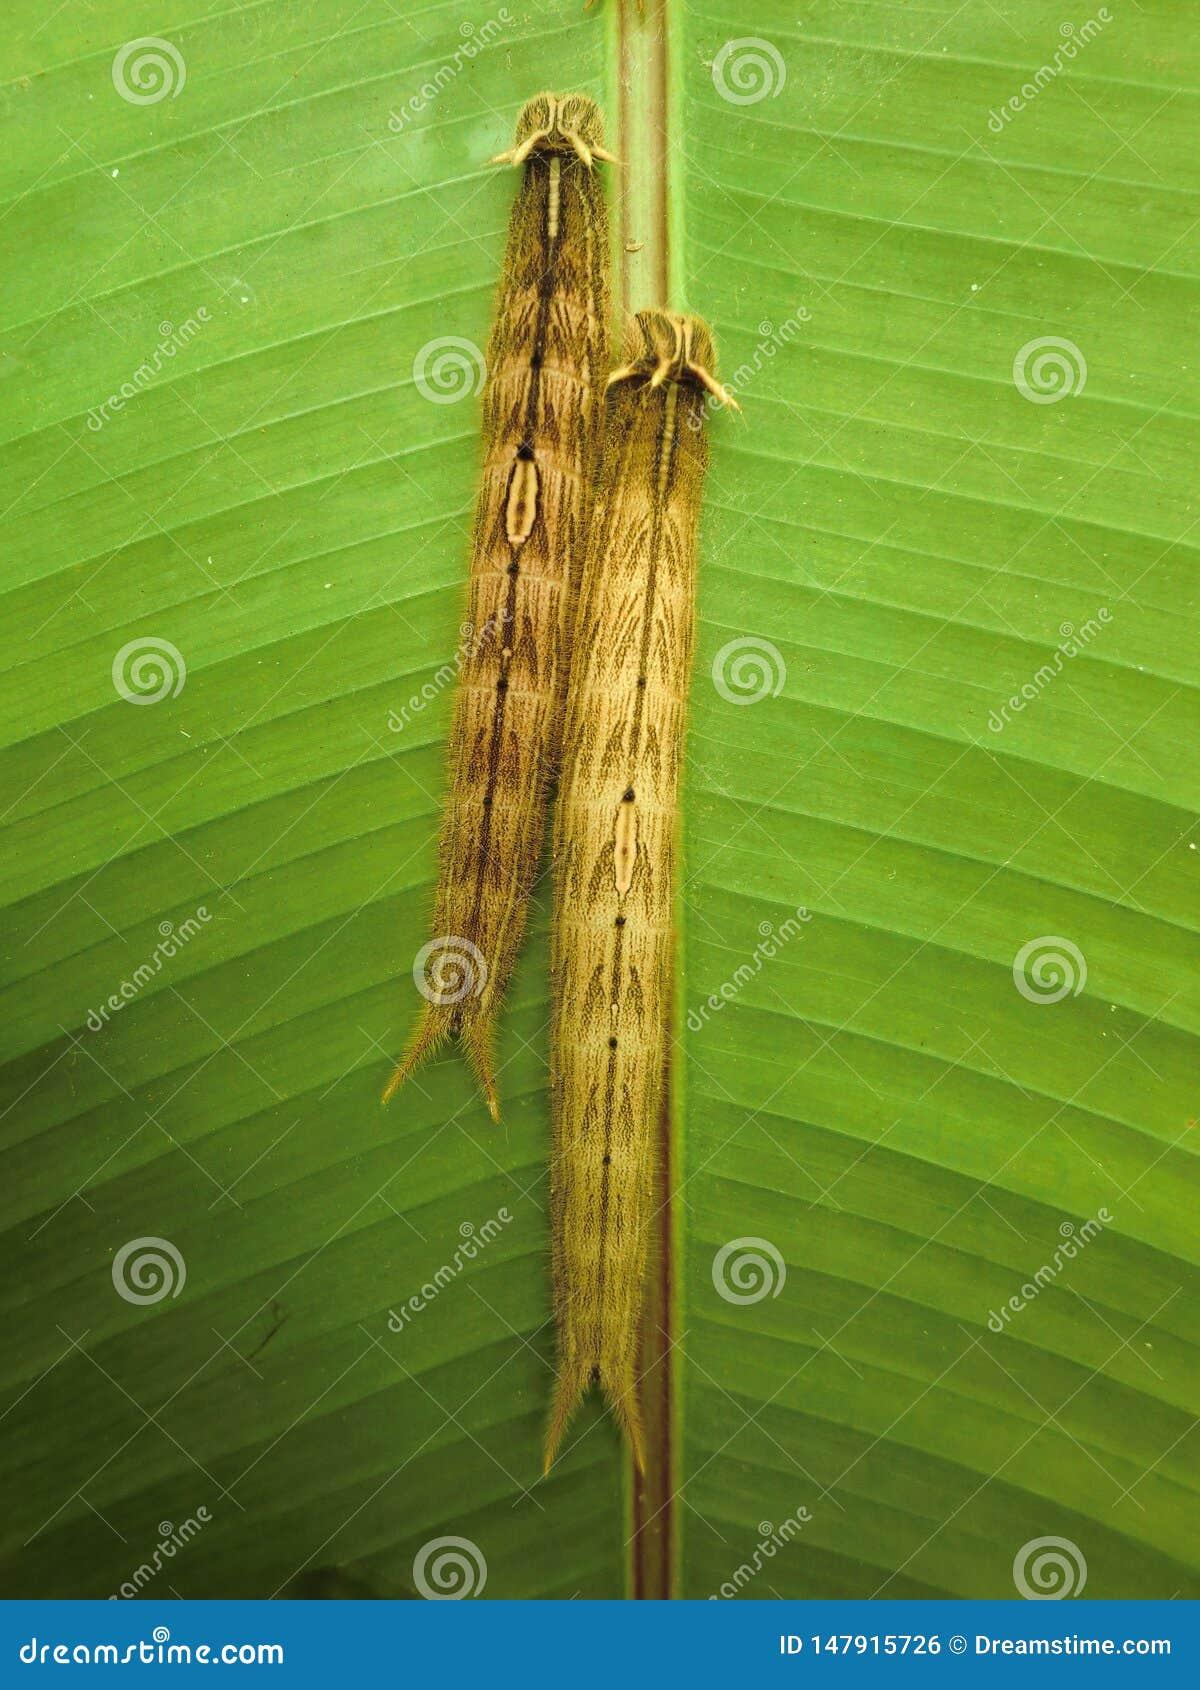 Duas lagartas tomam o refúgio na parte de trás de uma folha verde em uma estufa